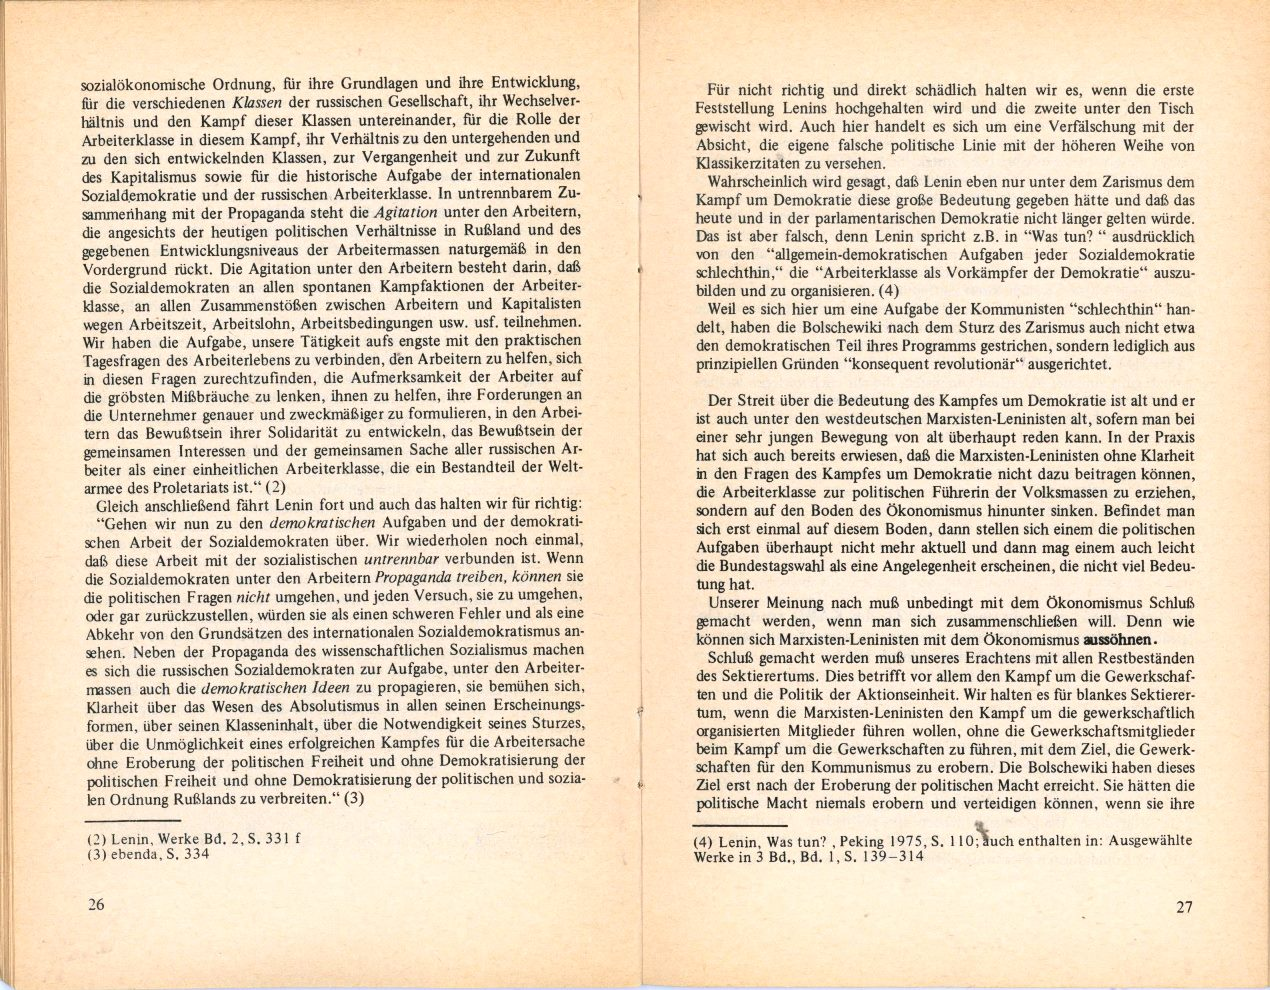 KBW_Materialien_zur_Auseinandersetzung_in_der_mlB_1976_15